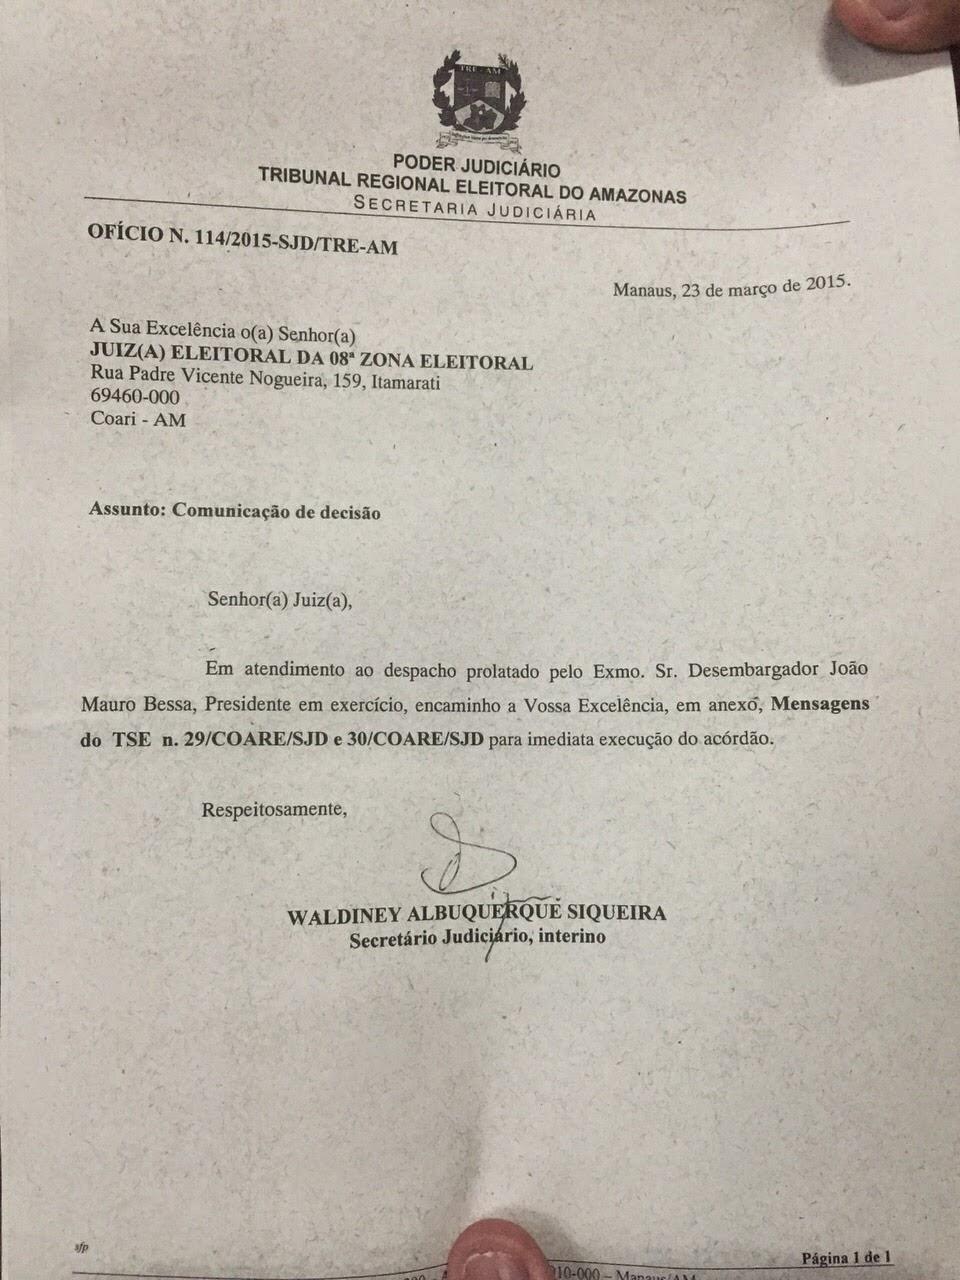 TRE NOTIFICA JUÍZA ELEITORAL DE COARI PARA CUMPRIMENTO DO ARCÓRDÃO